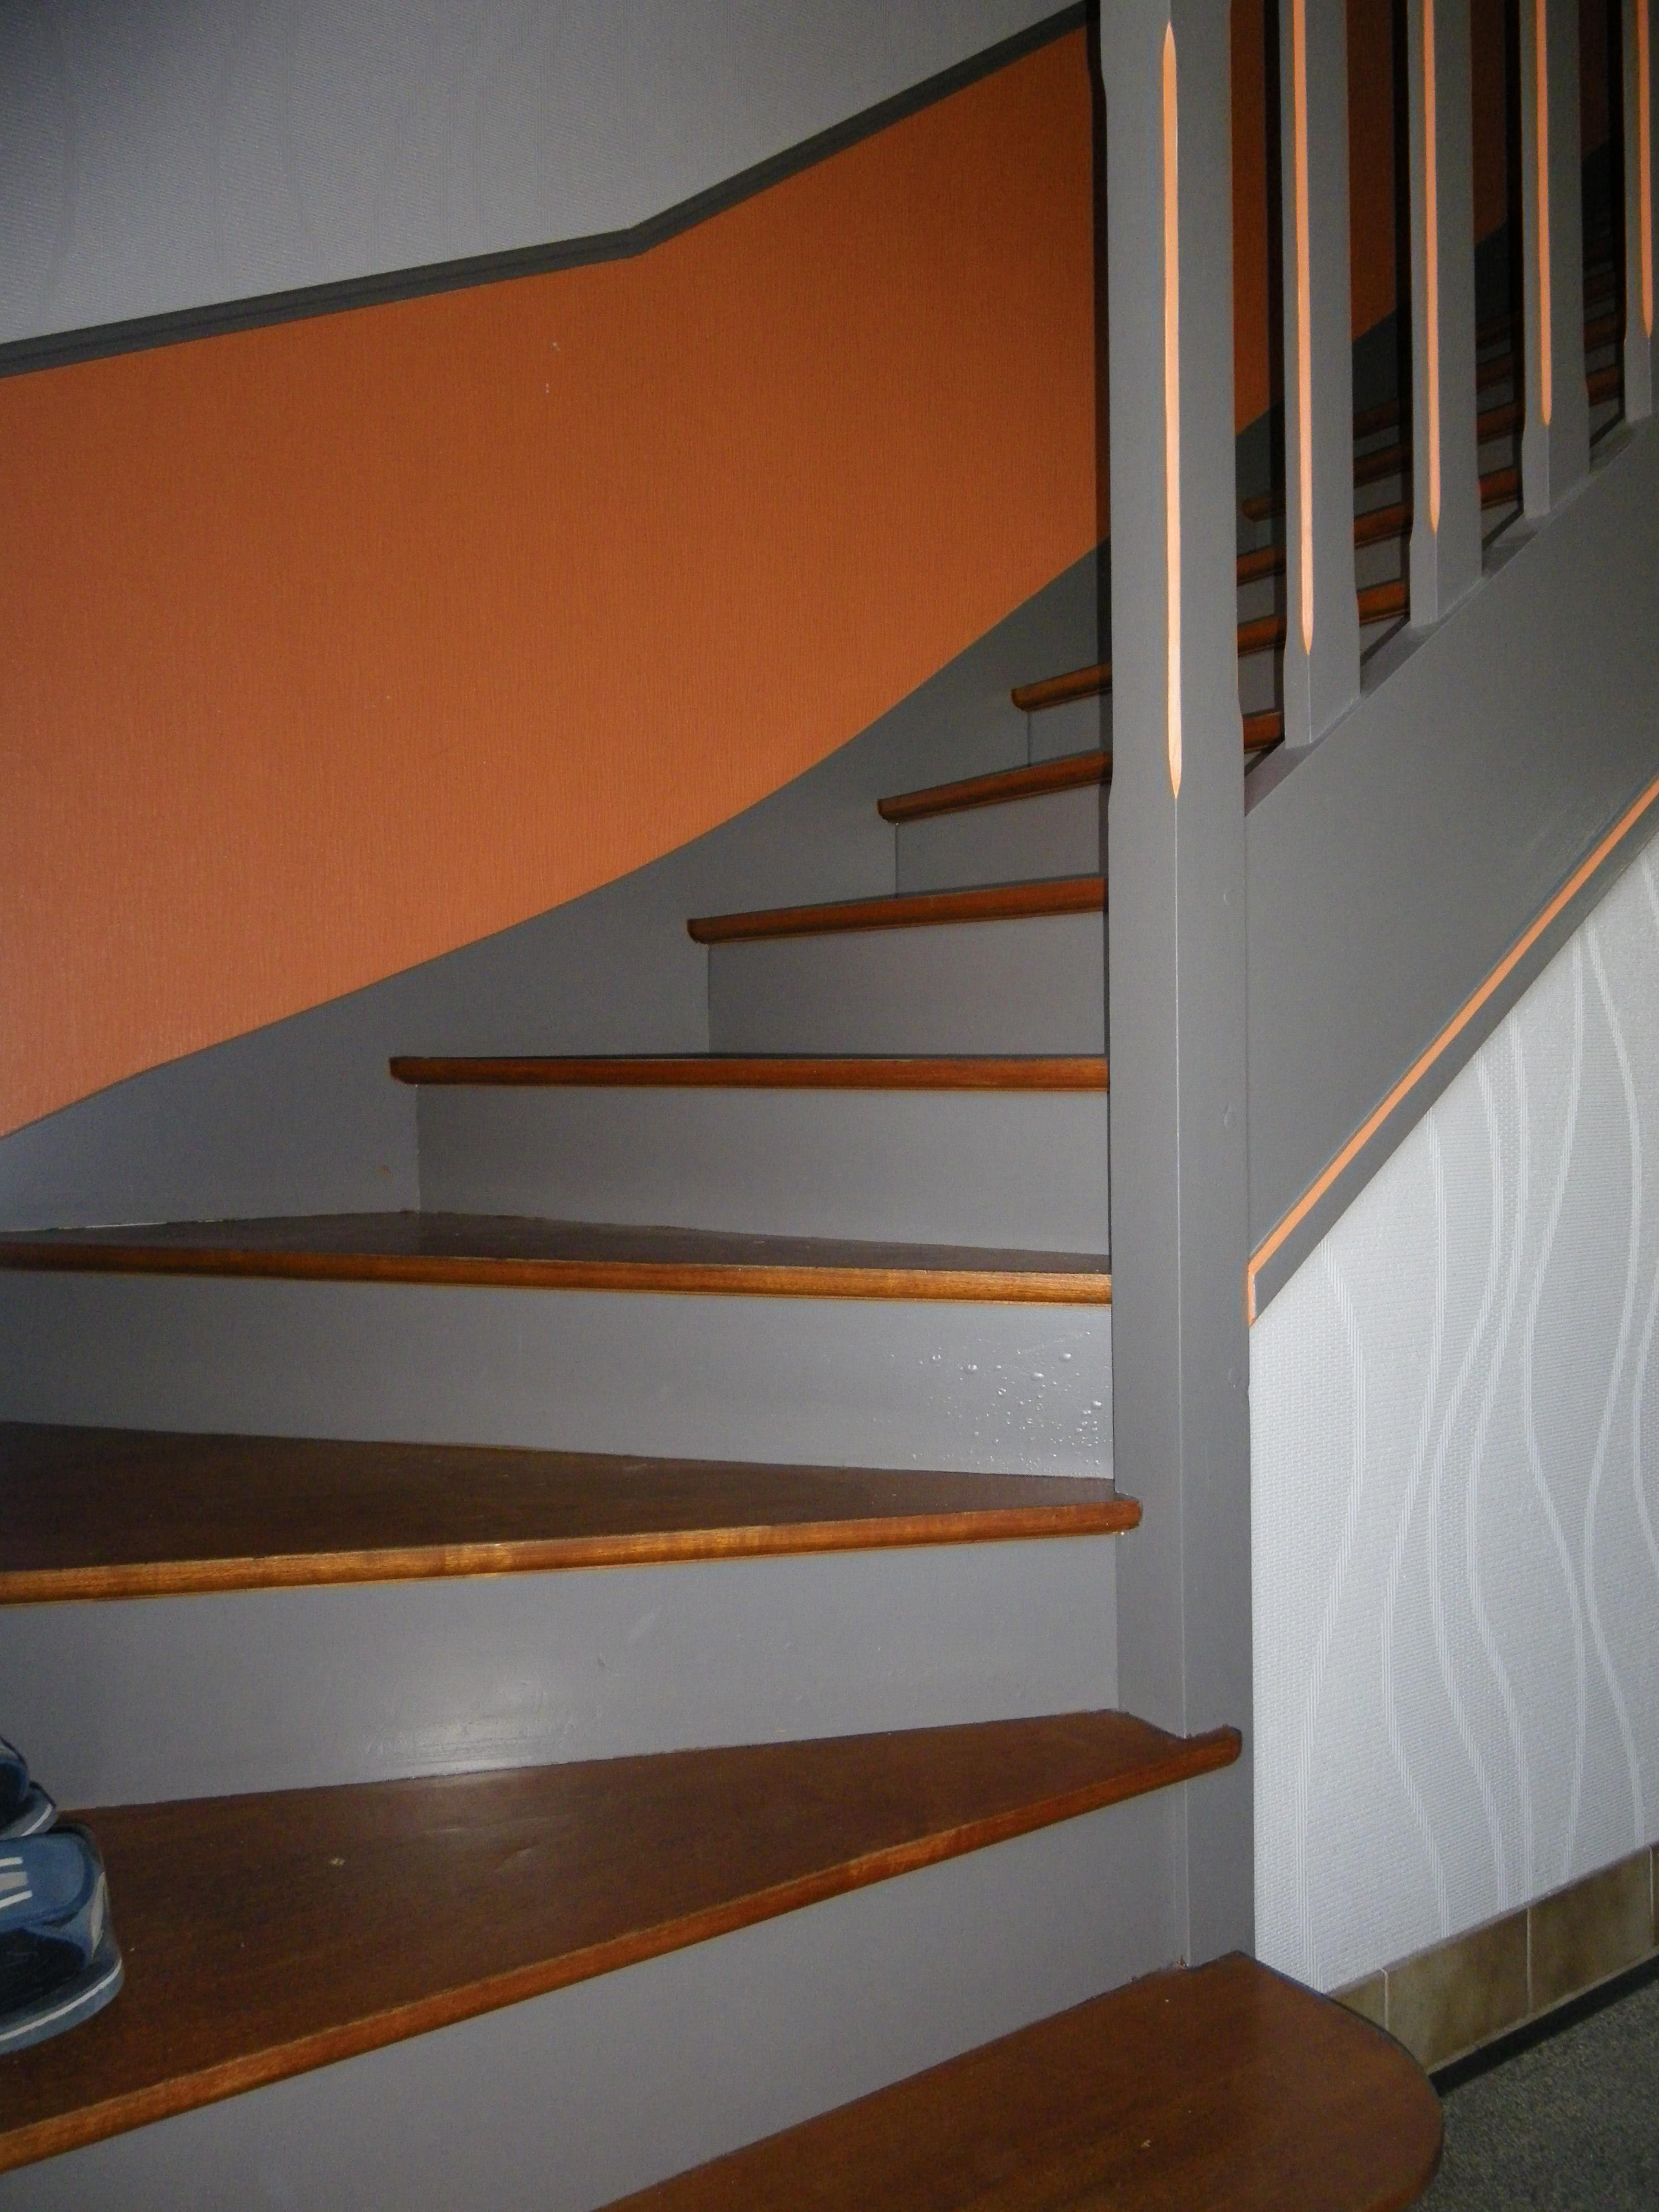 peinture int rieure fa ades a9 landavran 35. Black Bedroom Furniture Sets. Home Design Ideas